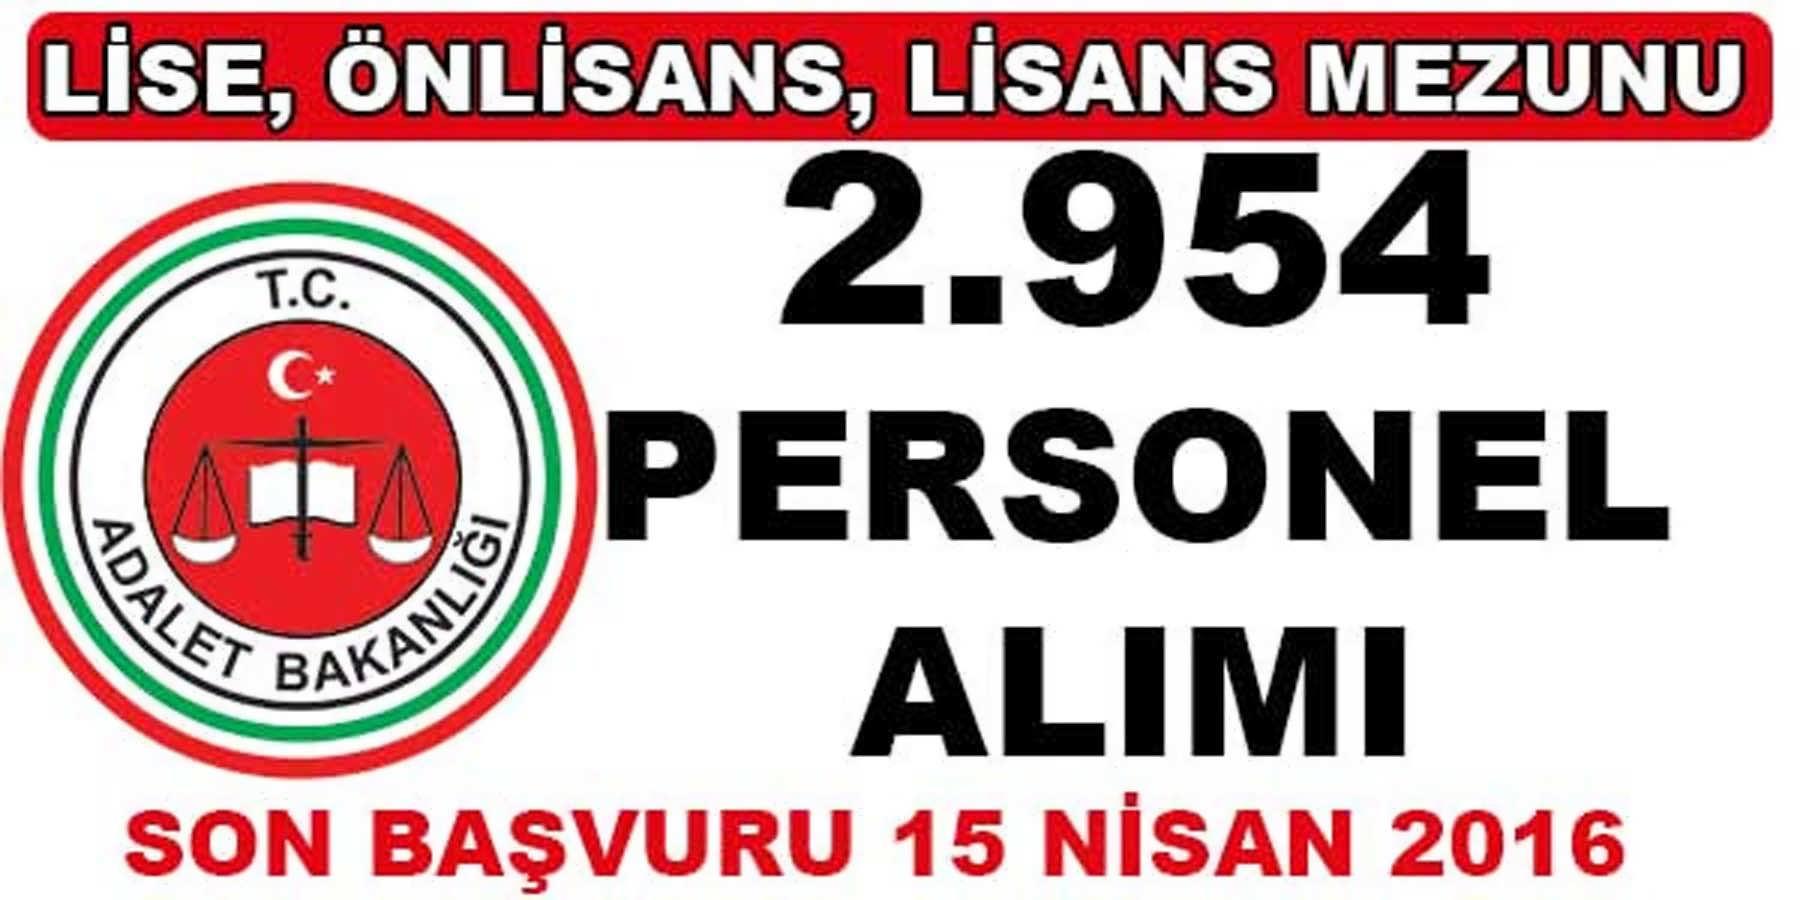 Adalet Bakanlığı Beklenen İlanı Yayınladı Tam 2.954 Personel Alımı Yapılacak